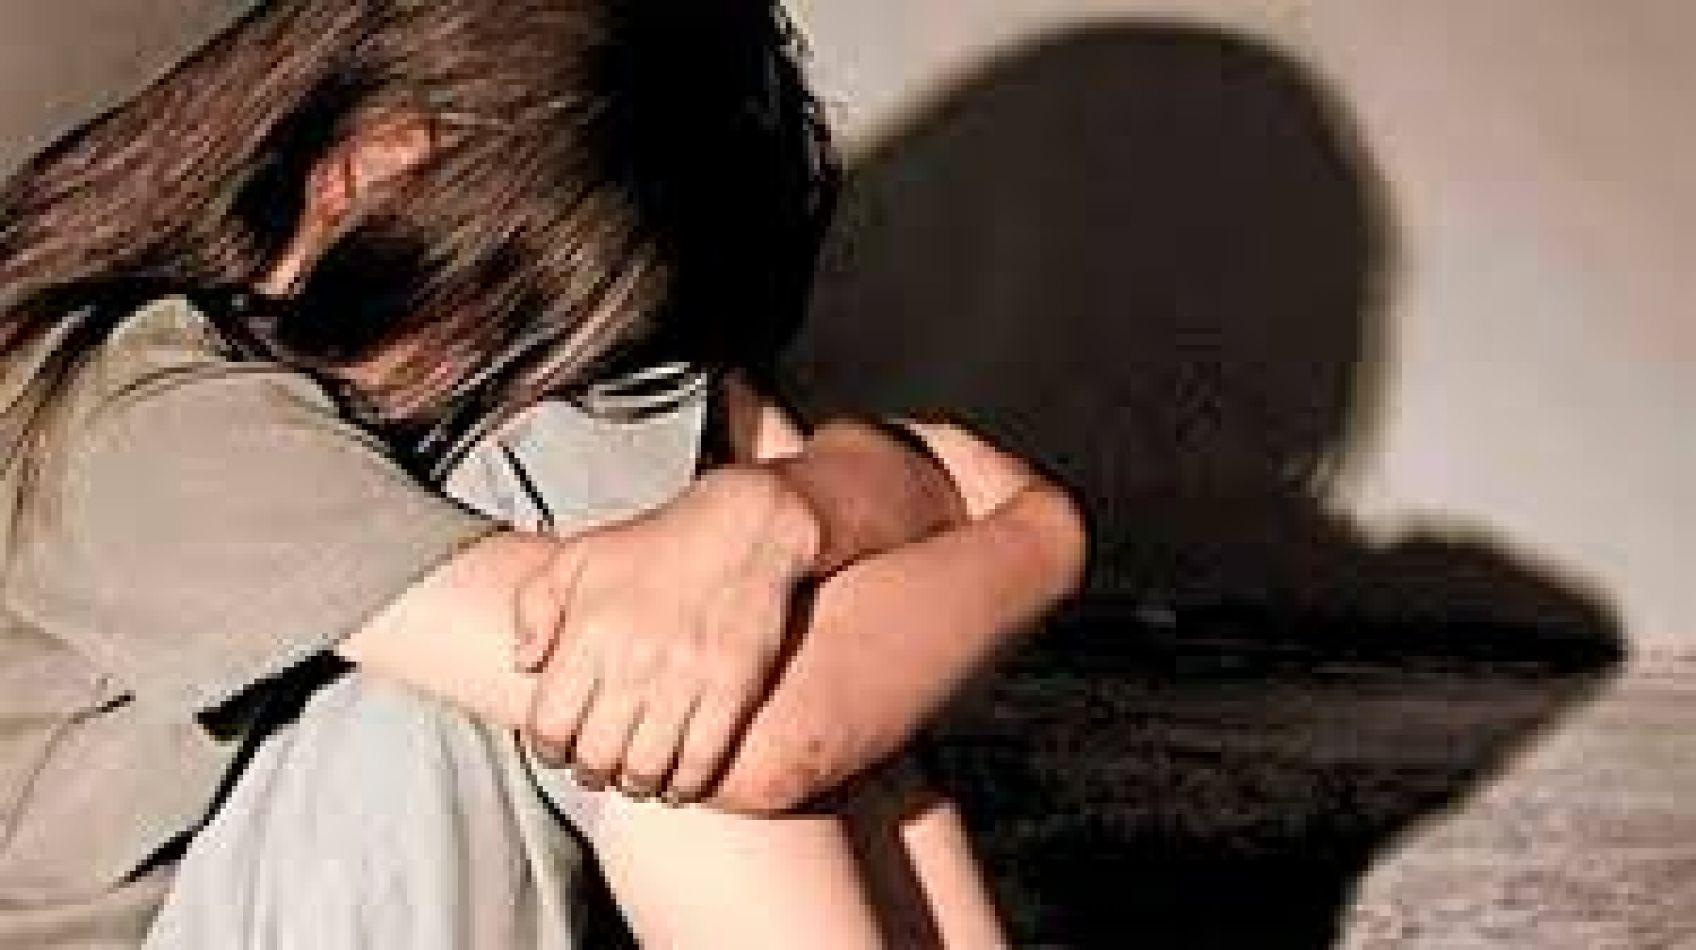 Sorprendieron a un salteño violando a una nenita de 5 años: huyó cobardemente